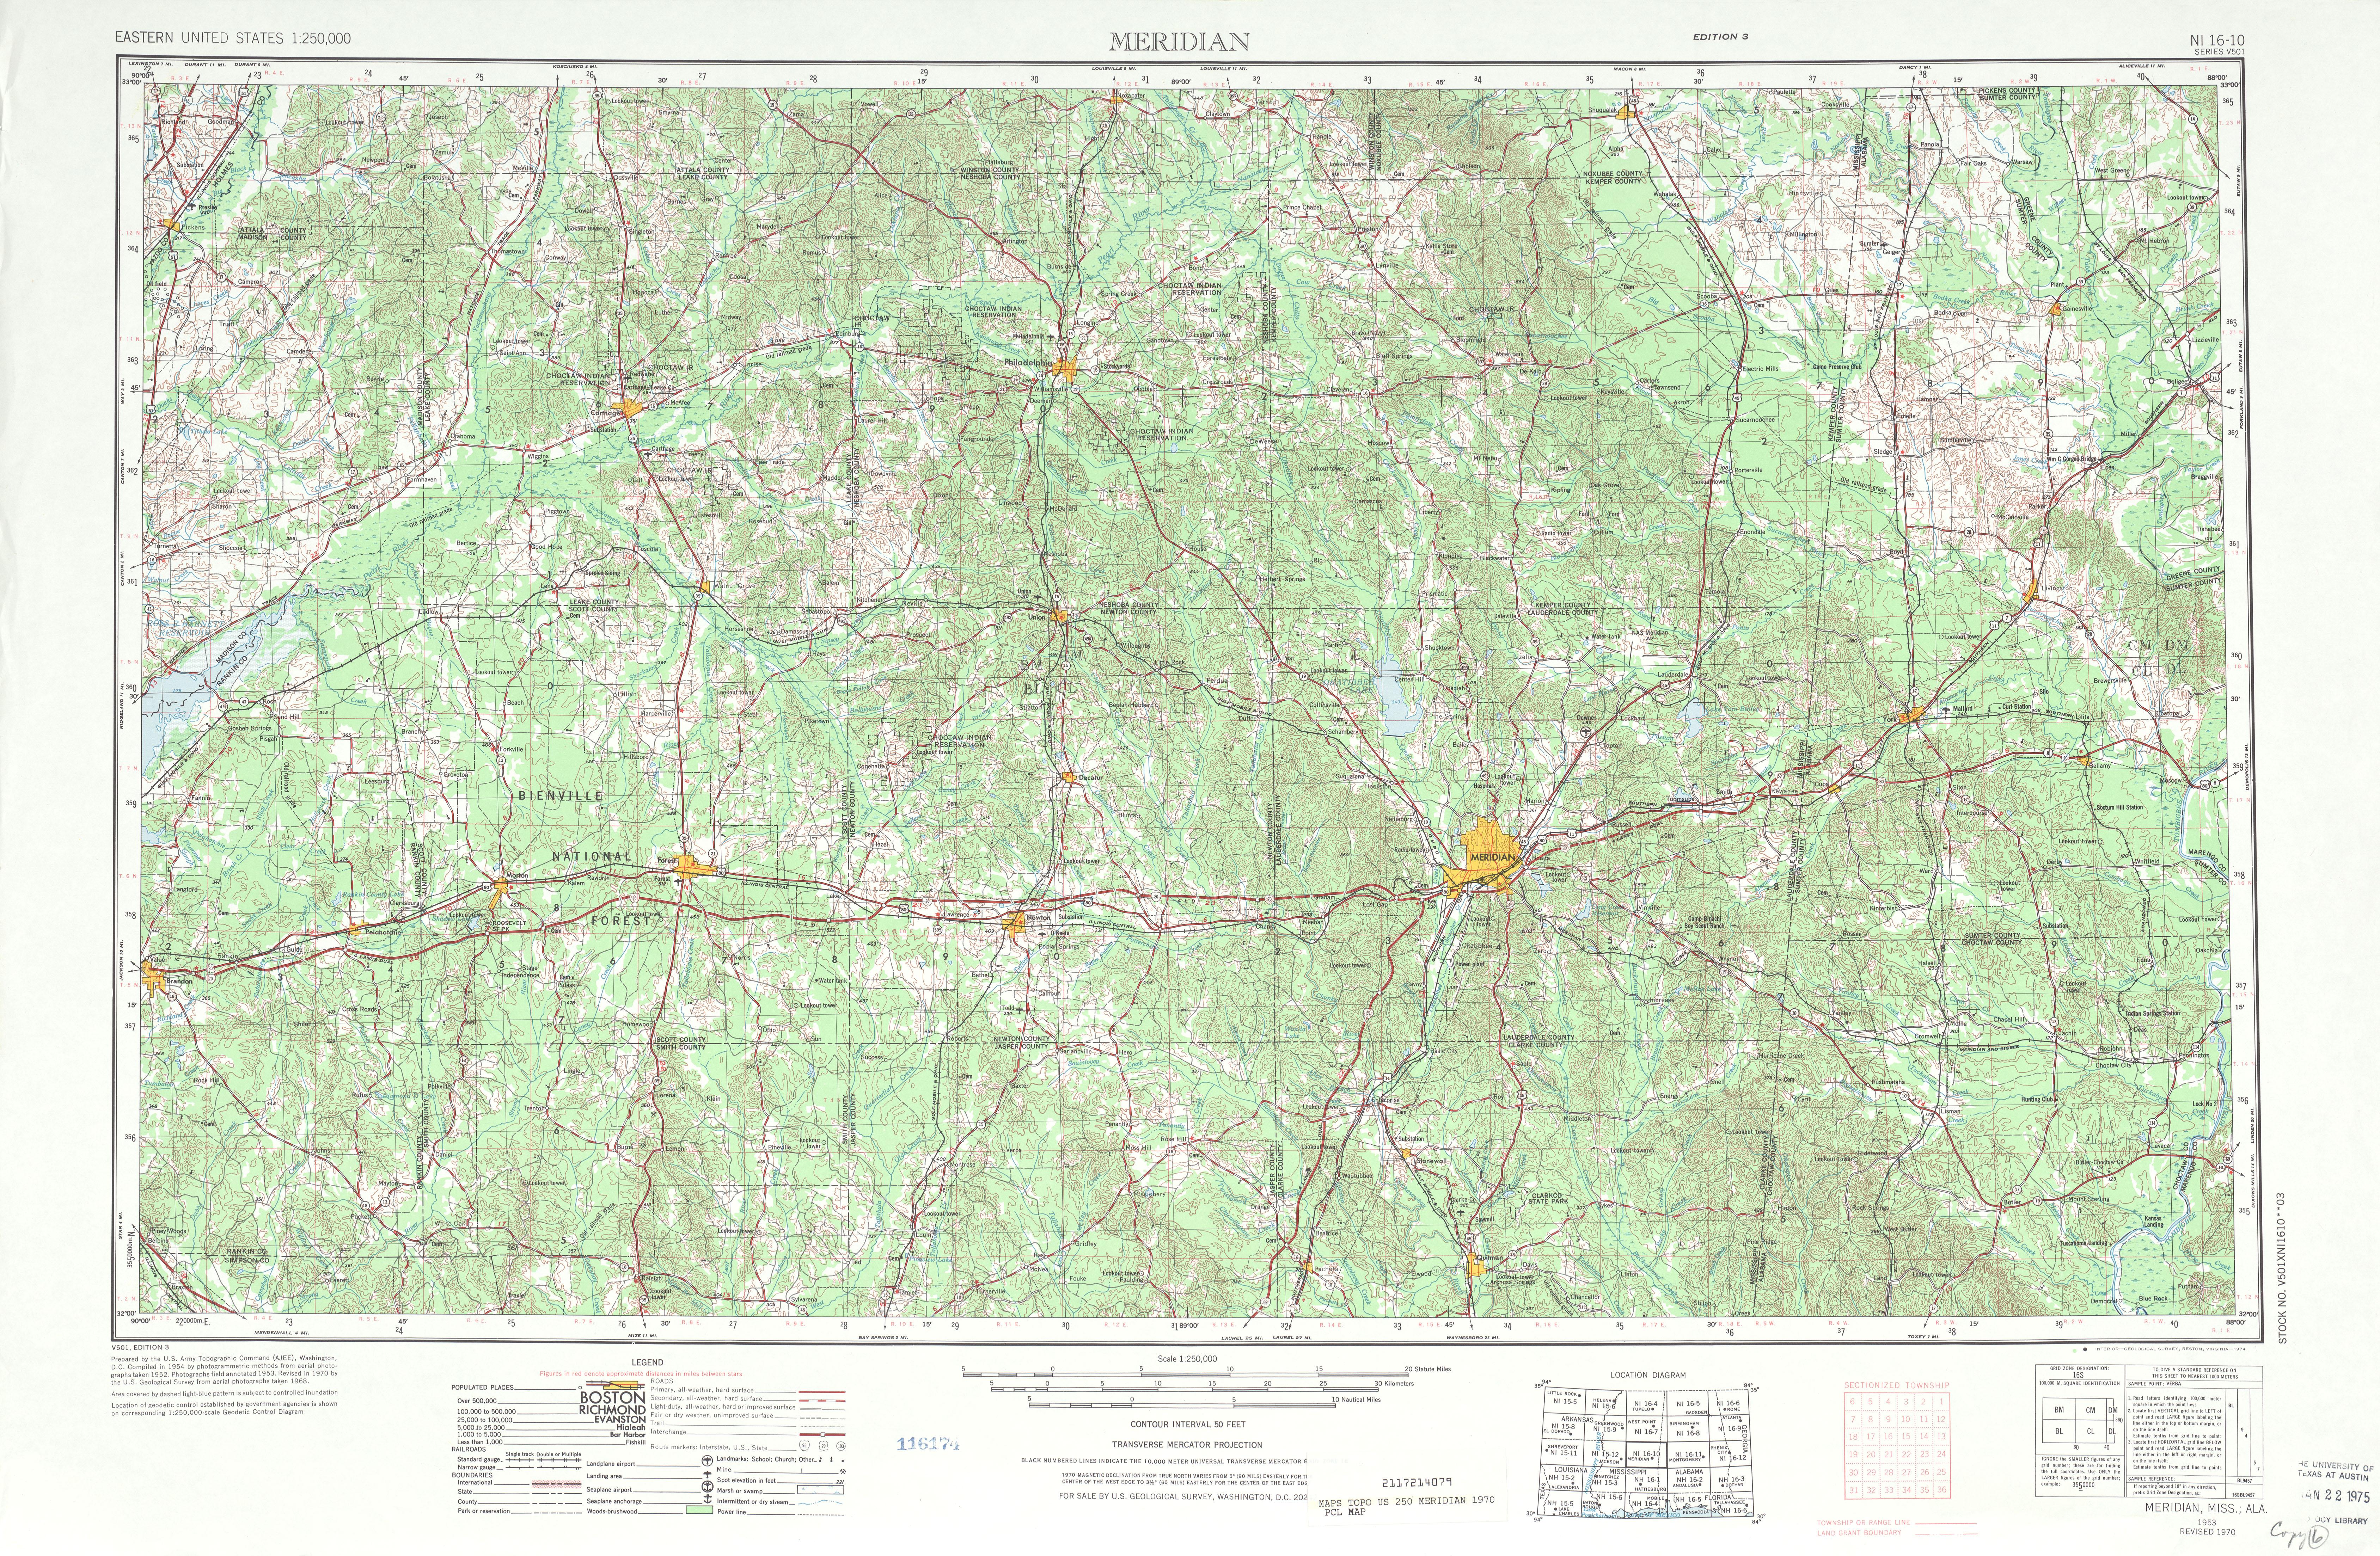 Hoja Meridian del Mapa Topográfico de los Estados Unidos 1970